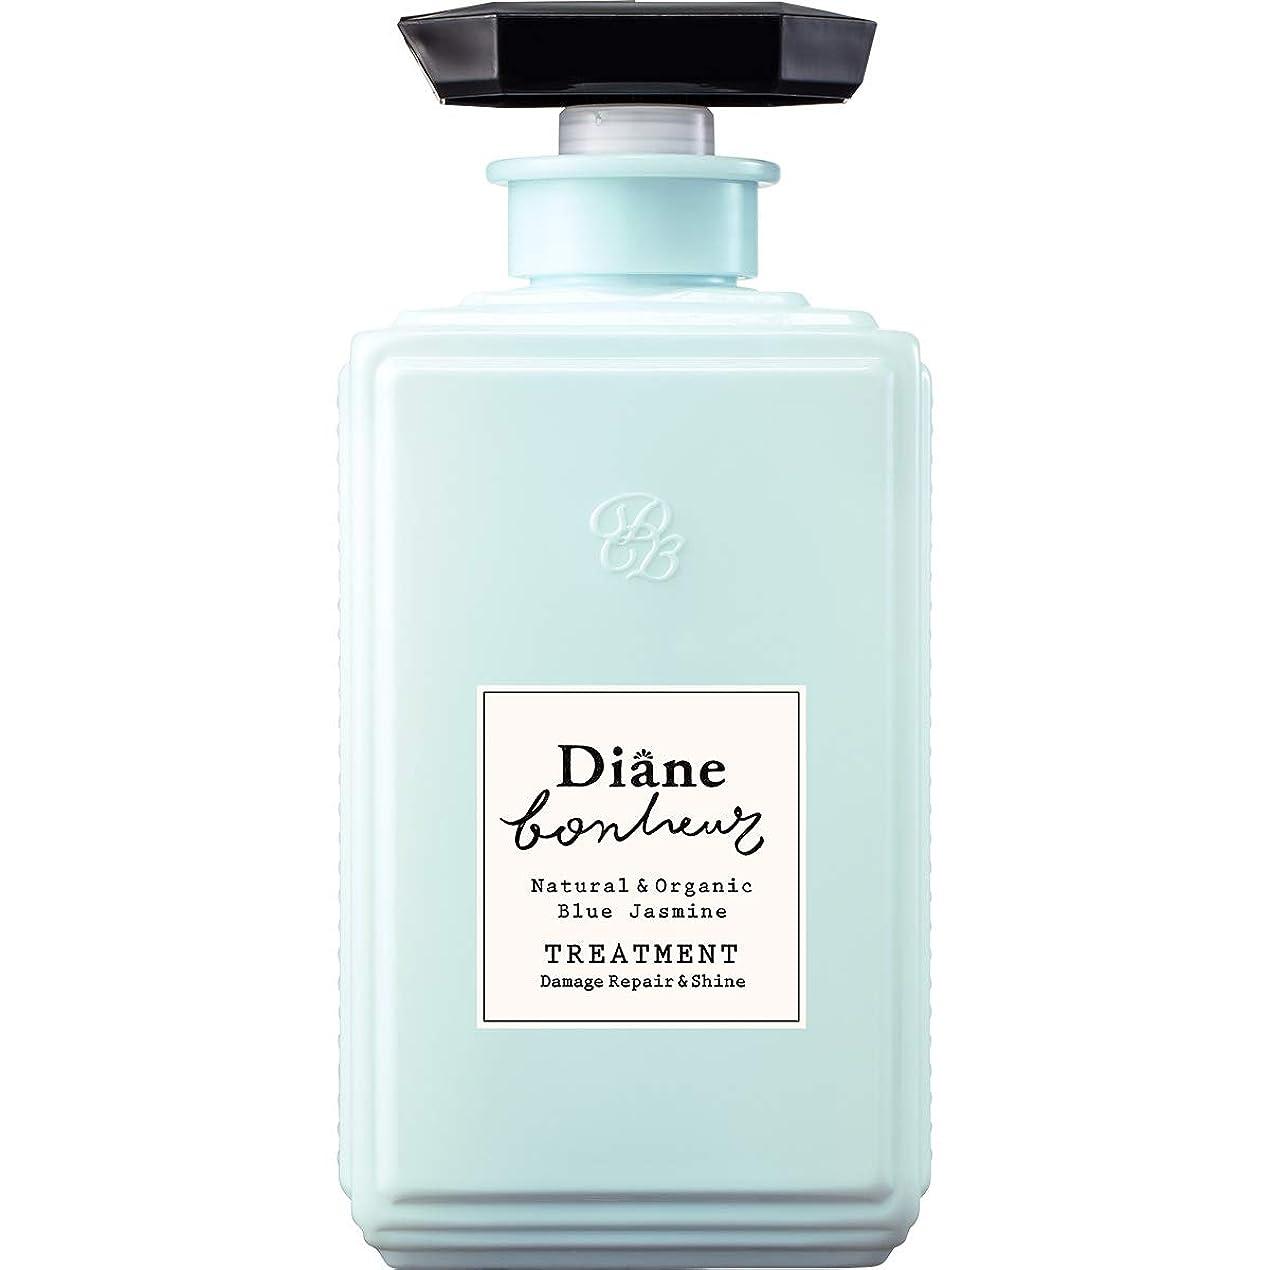 無駄だサンプル想像するダイアン ボヌール トリートメント ブルージャスミンの香り ダメージリペア&シャイン 500ml